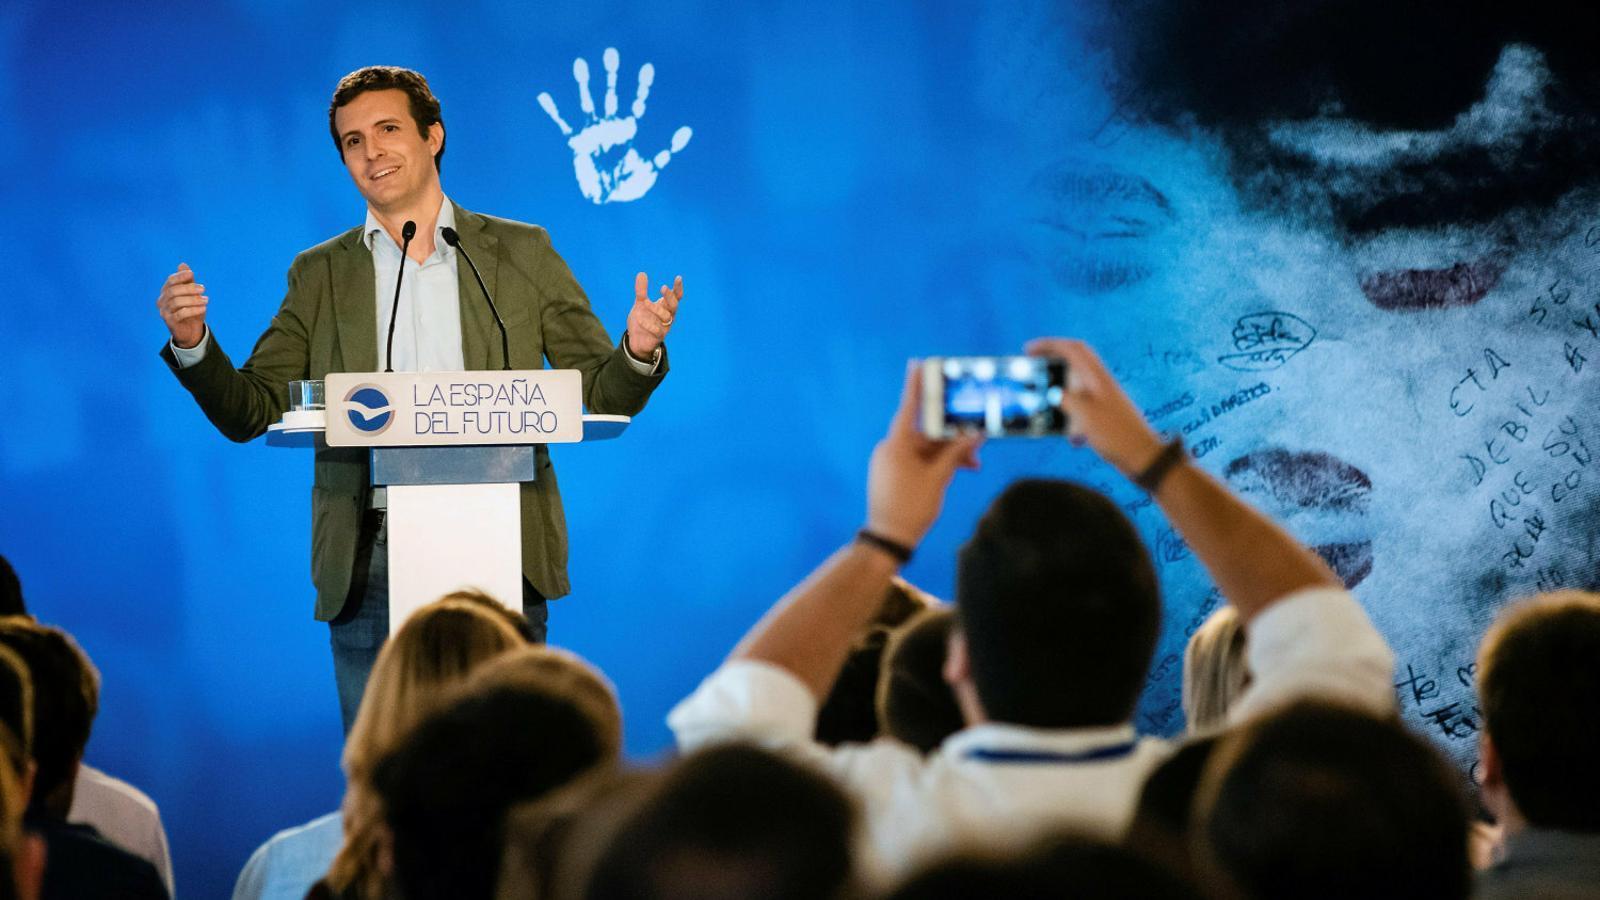 El president del PP, Pablo Casado, durant la seva intervenció dissabte a Vitòria, al País Basc.